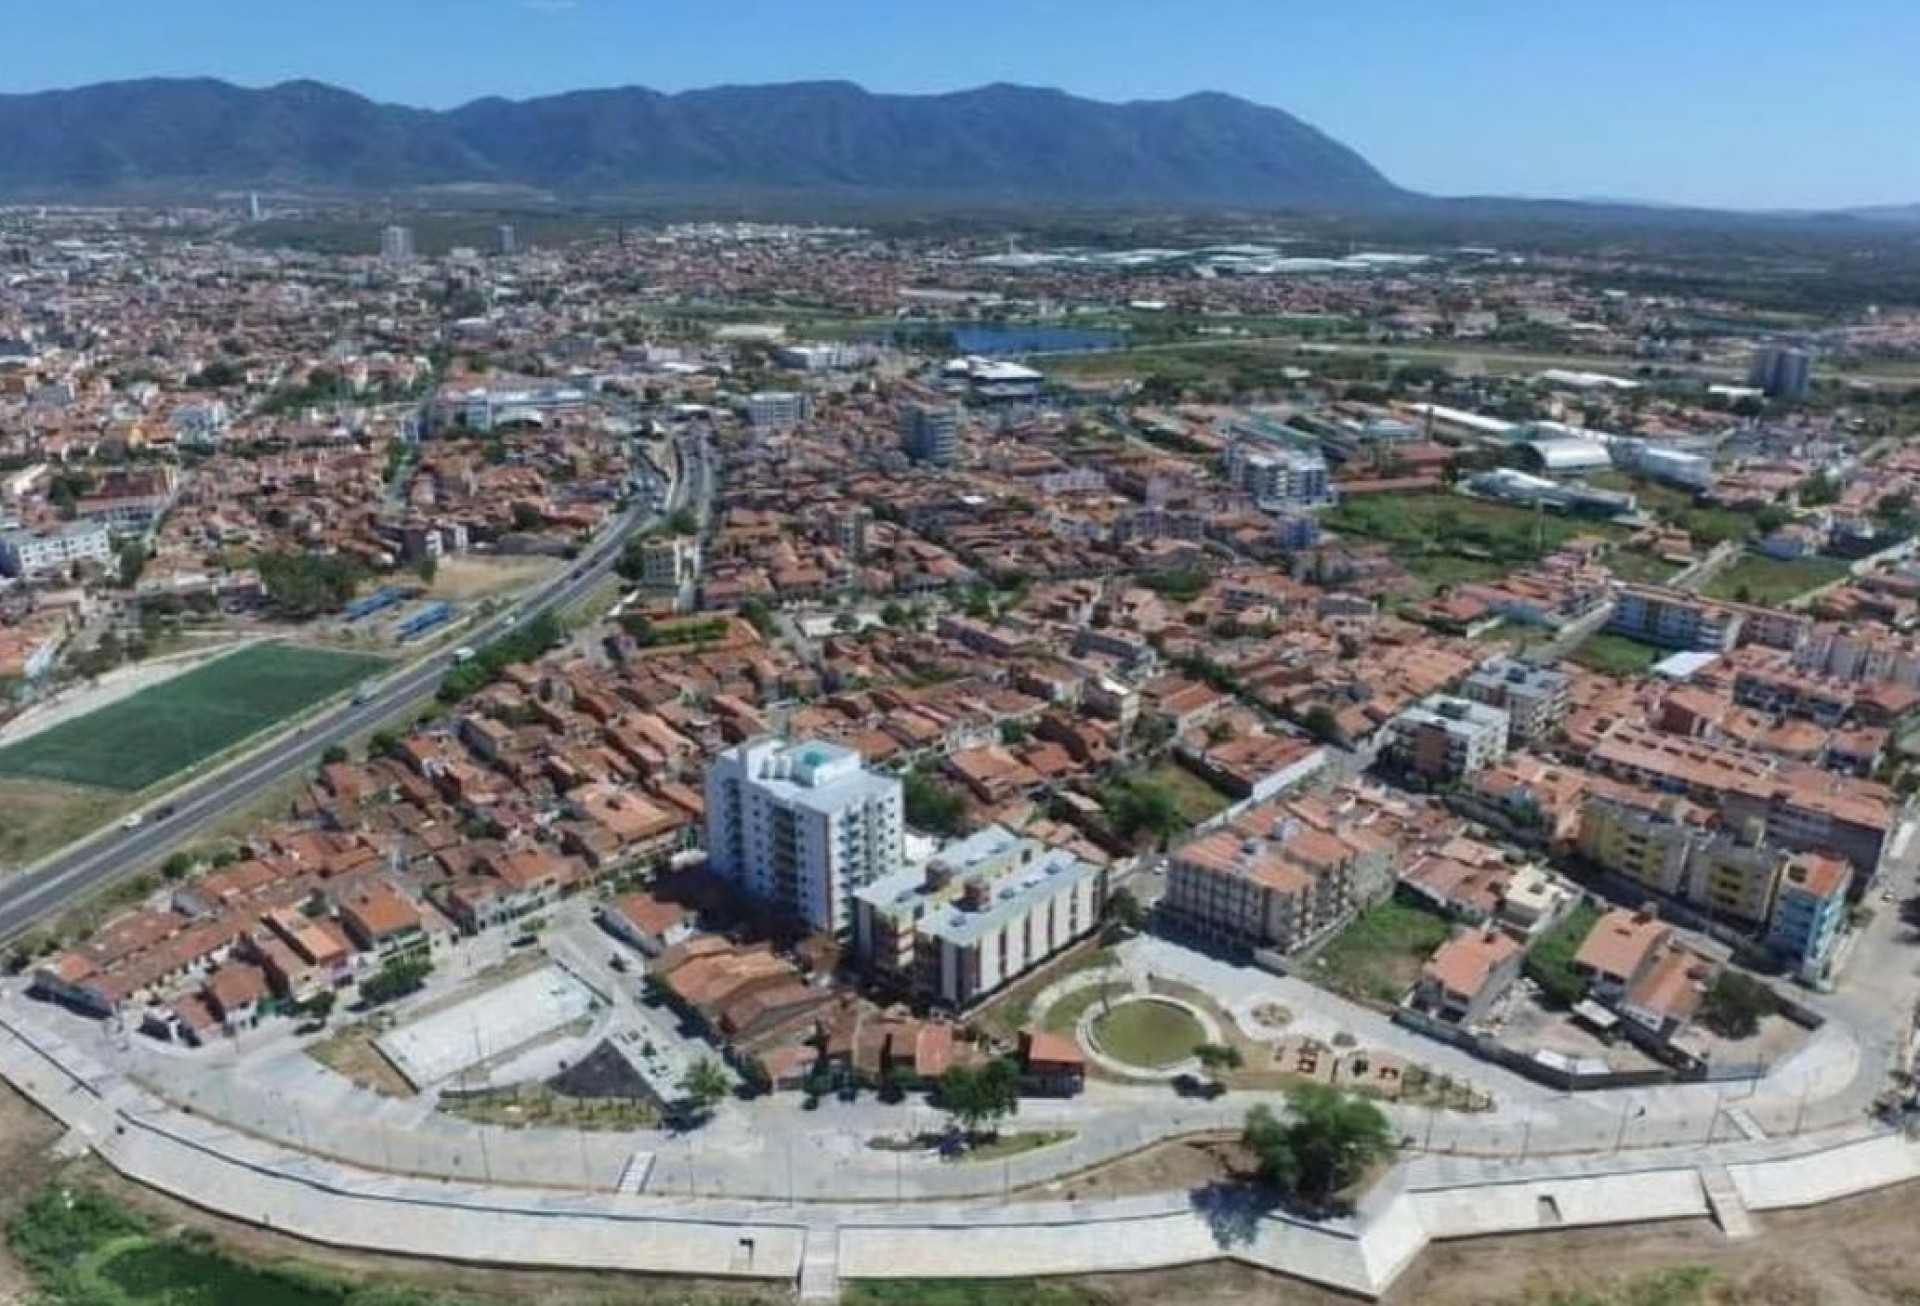 Panorama de Sobral (Foto: Reprodução/Facebook Ivo Gomes)